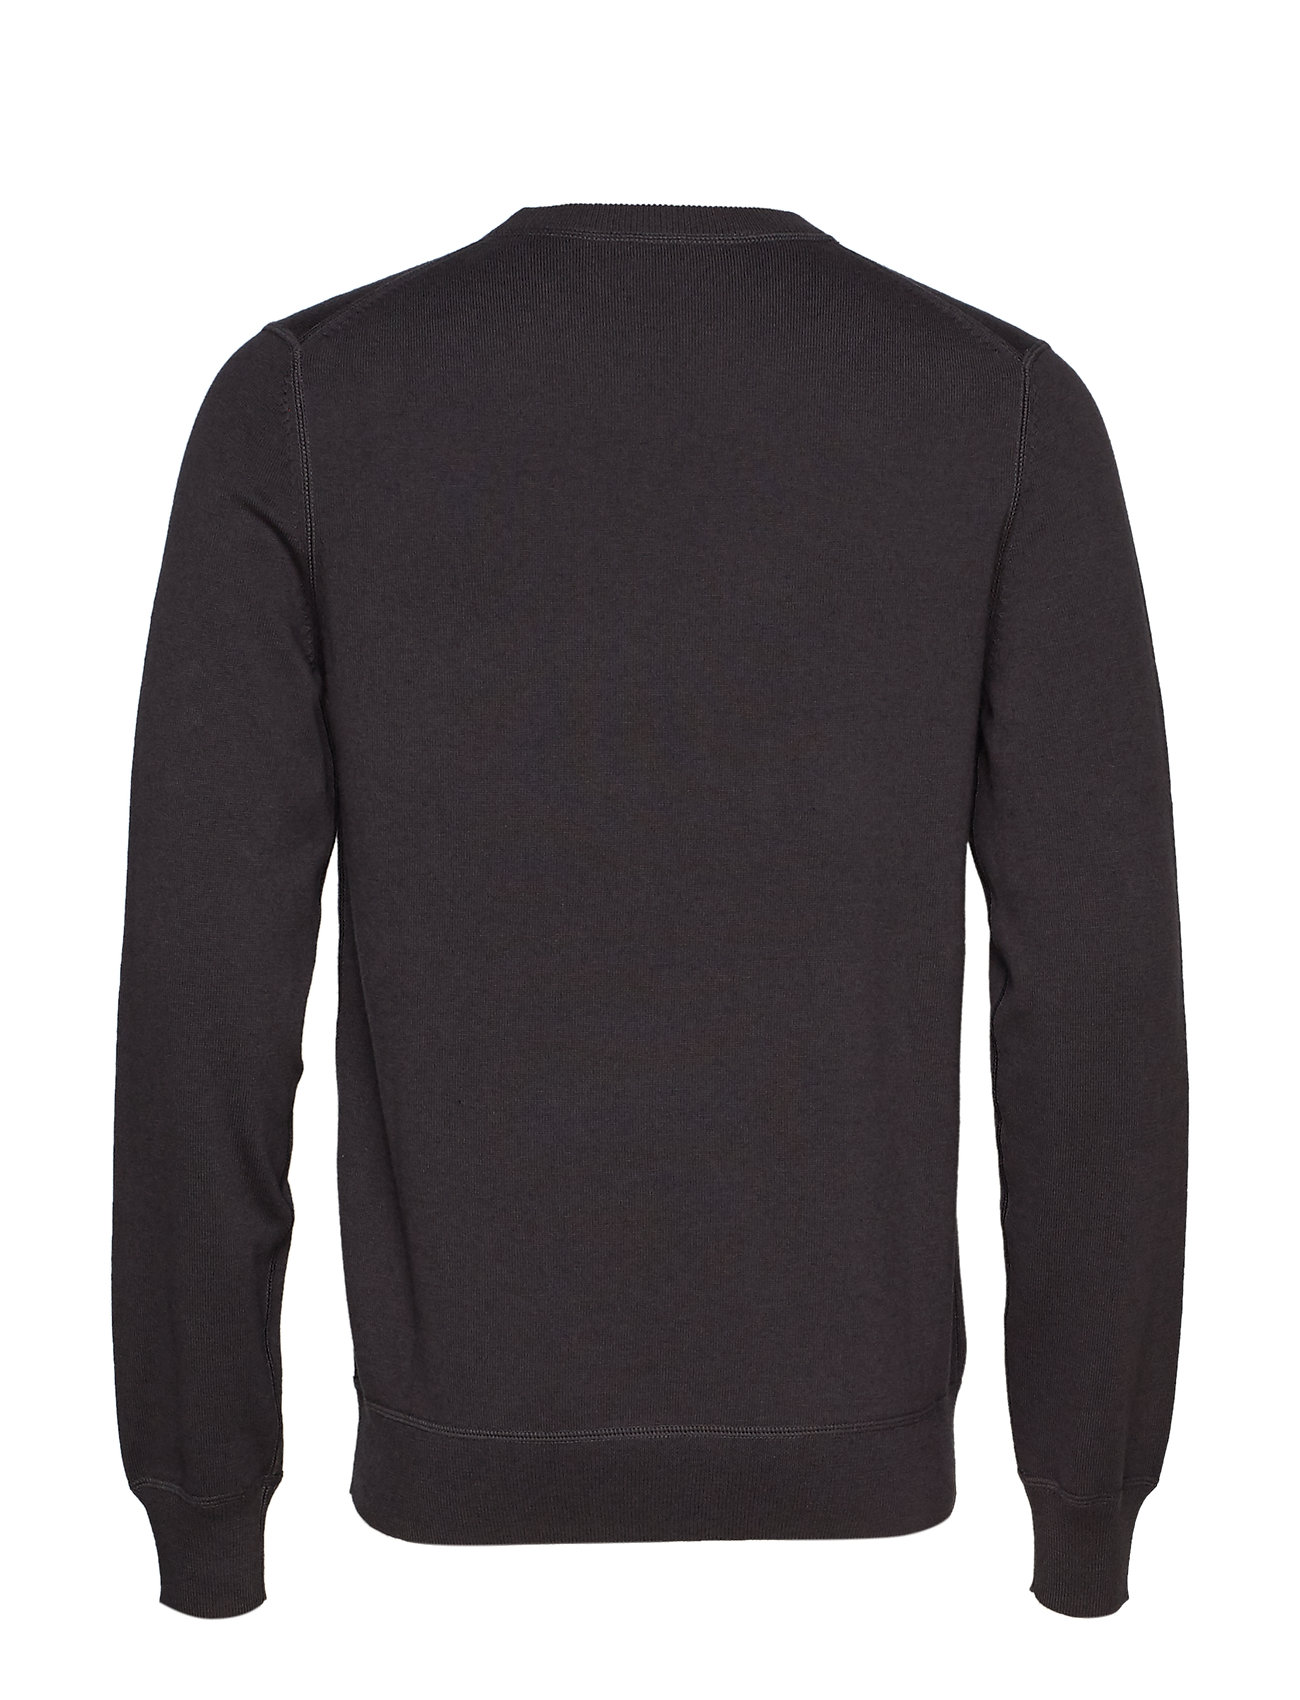 K GreyFilippa Sweaterink Sweaterink K GreyFilippa MScott MScott 45Lq3RAj